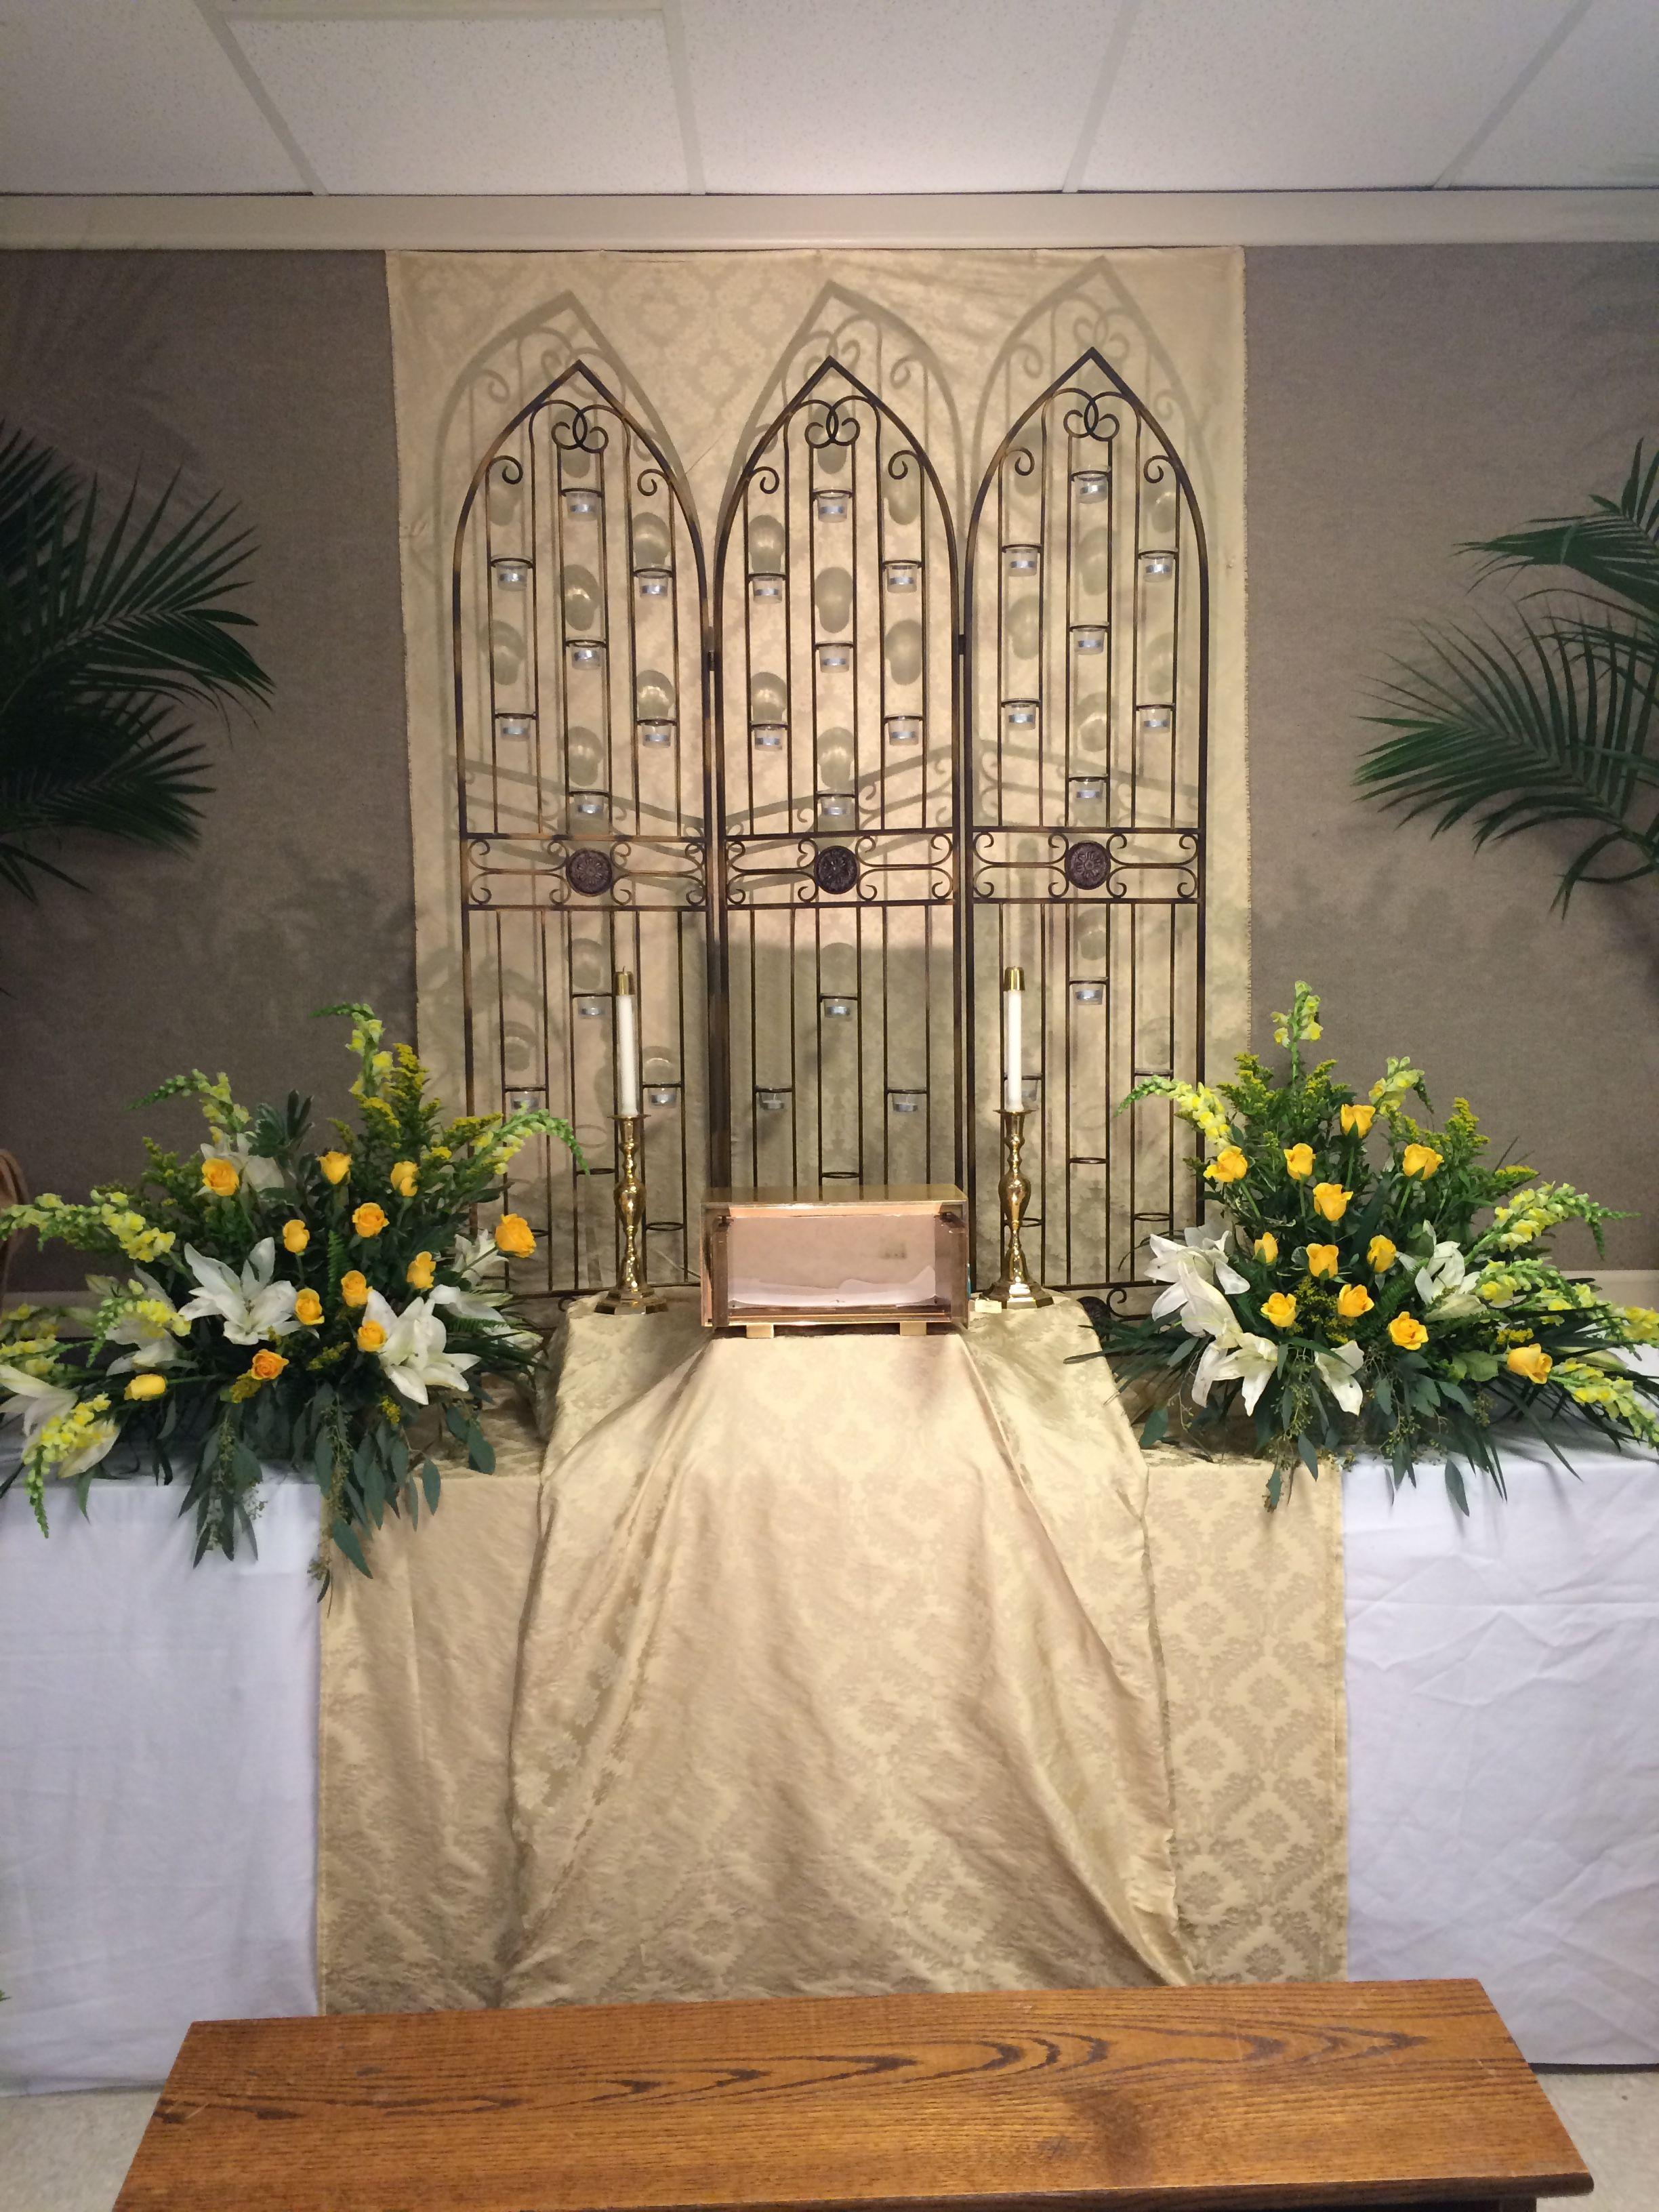 Altar of repose 2016 st joseph   Church decor, Decor, Altar